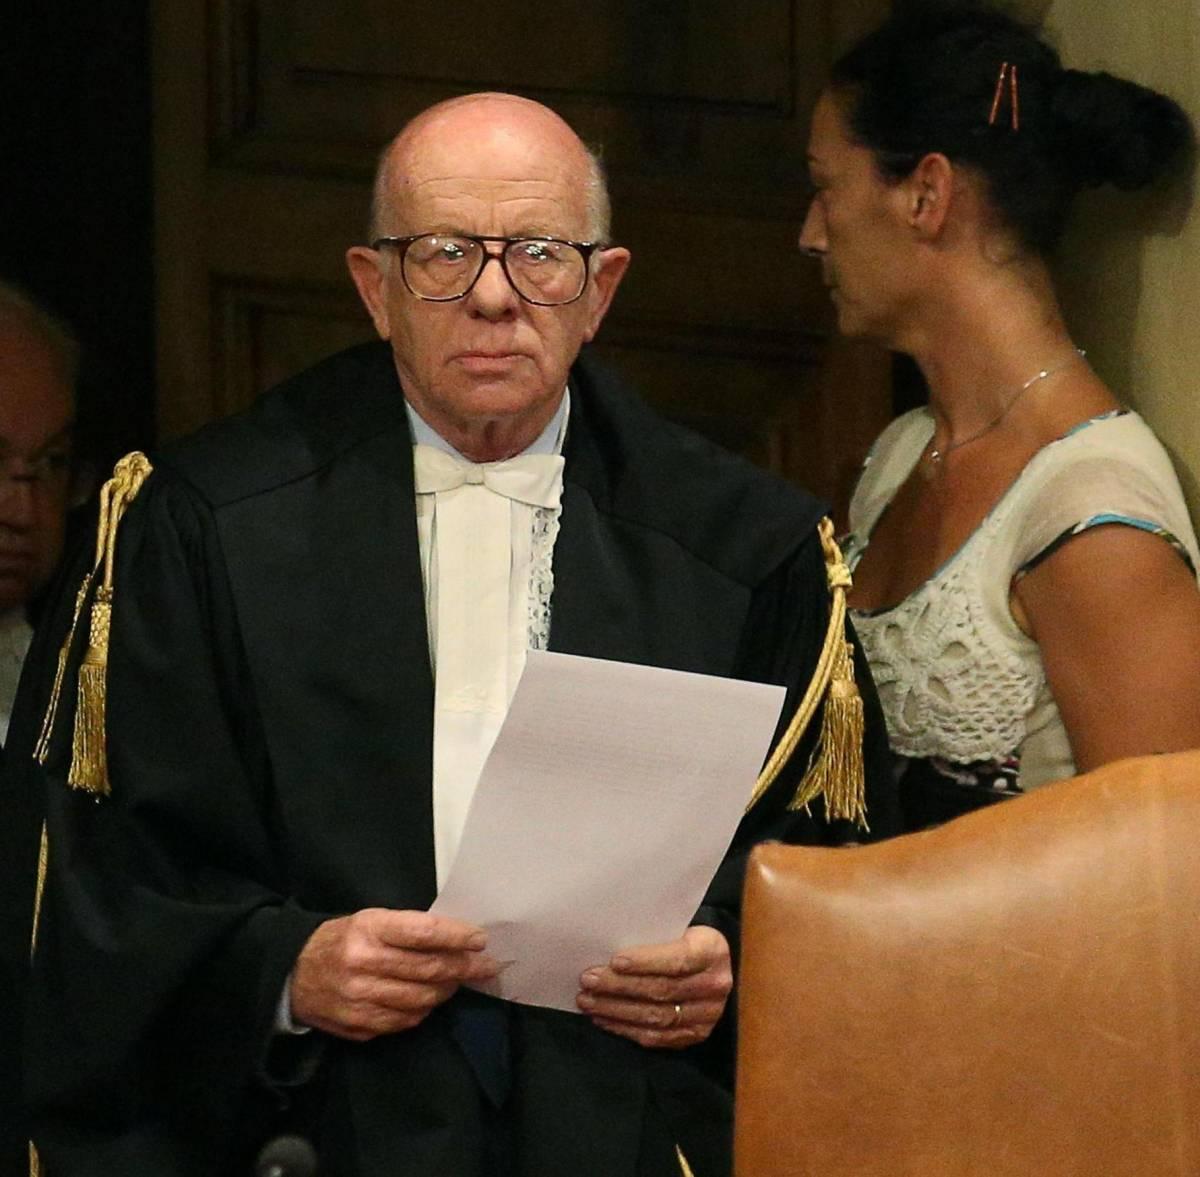 Il giudice anti Cav? Arringa i grillini in piazza